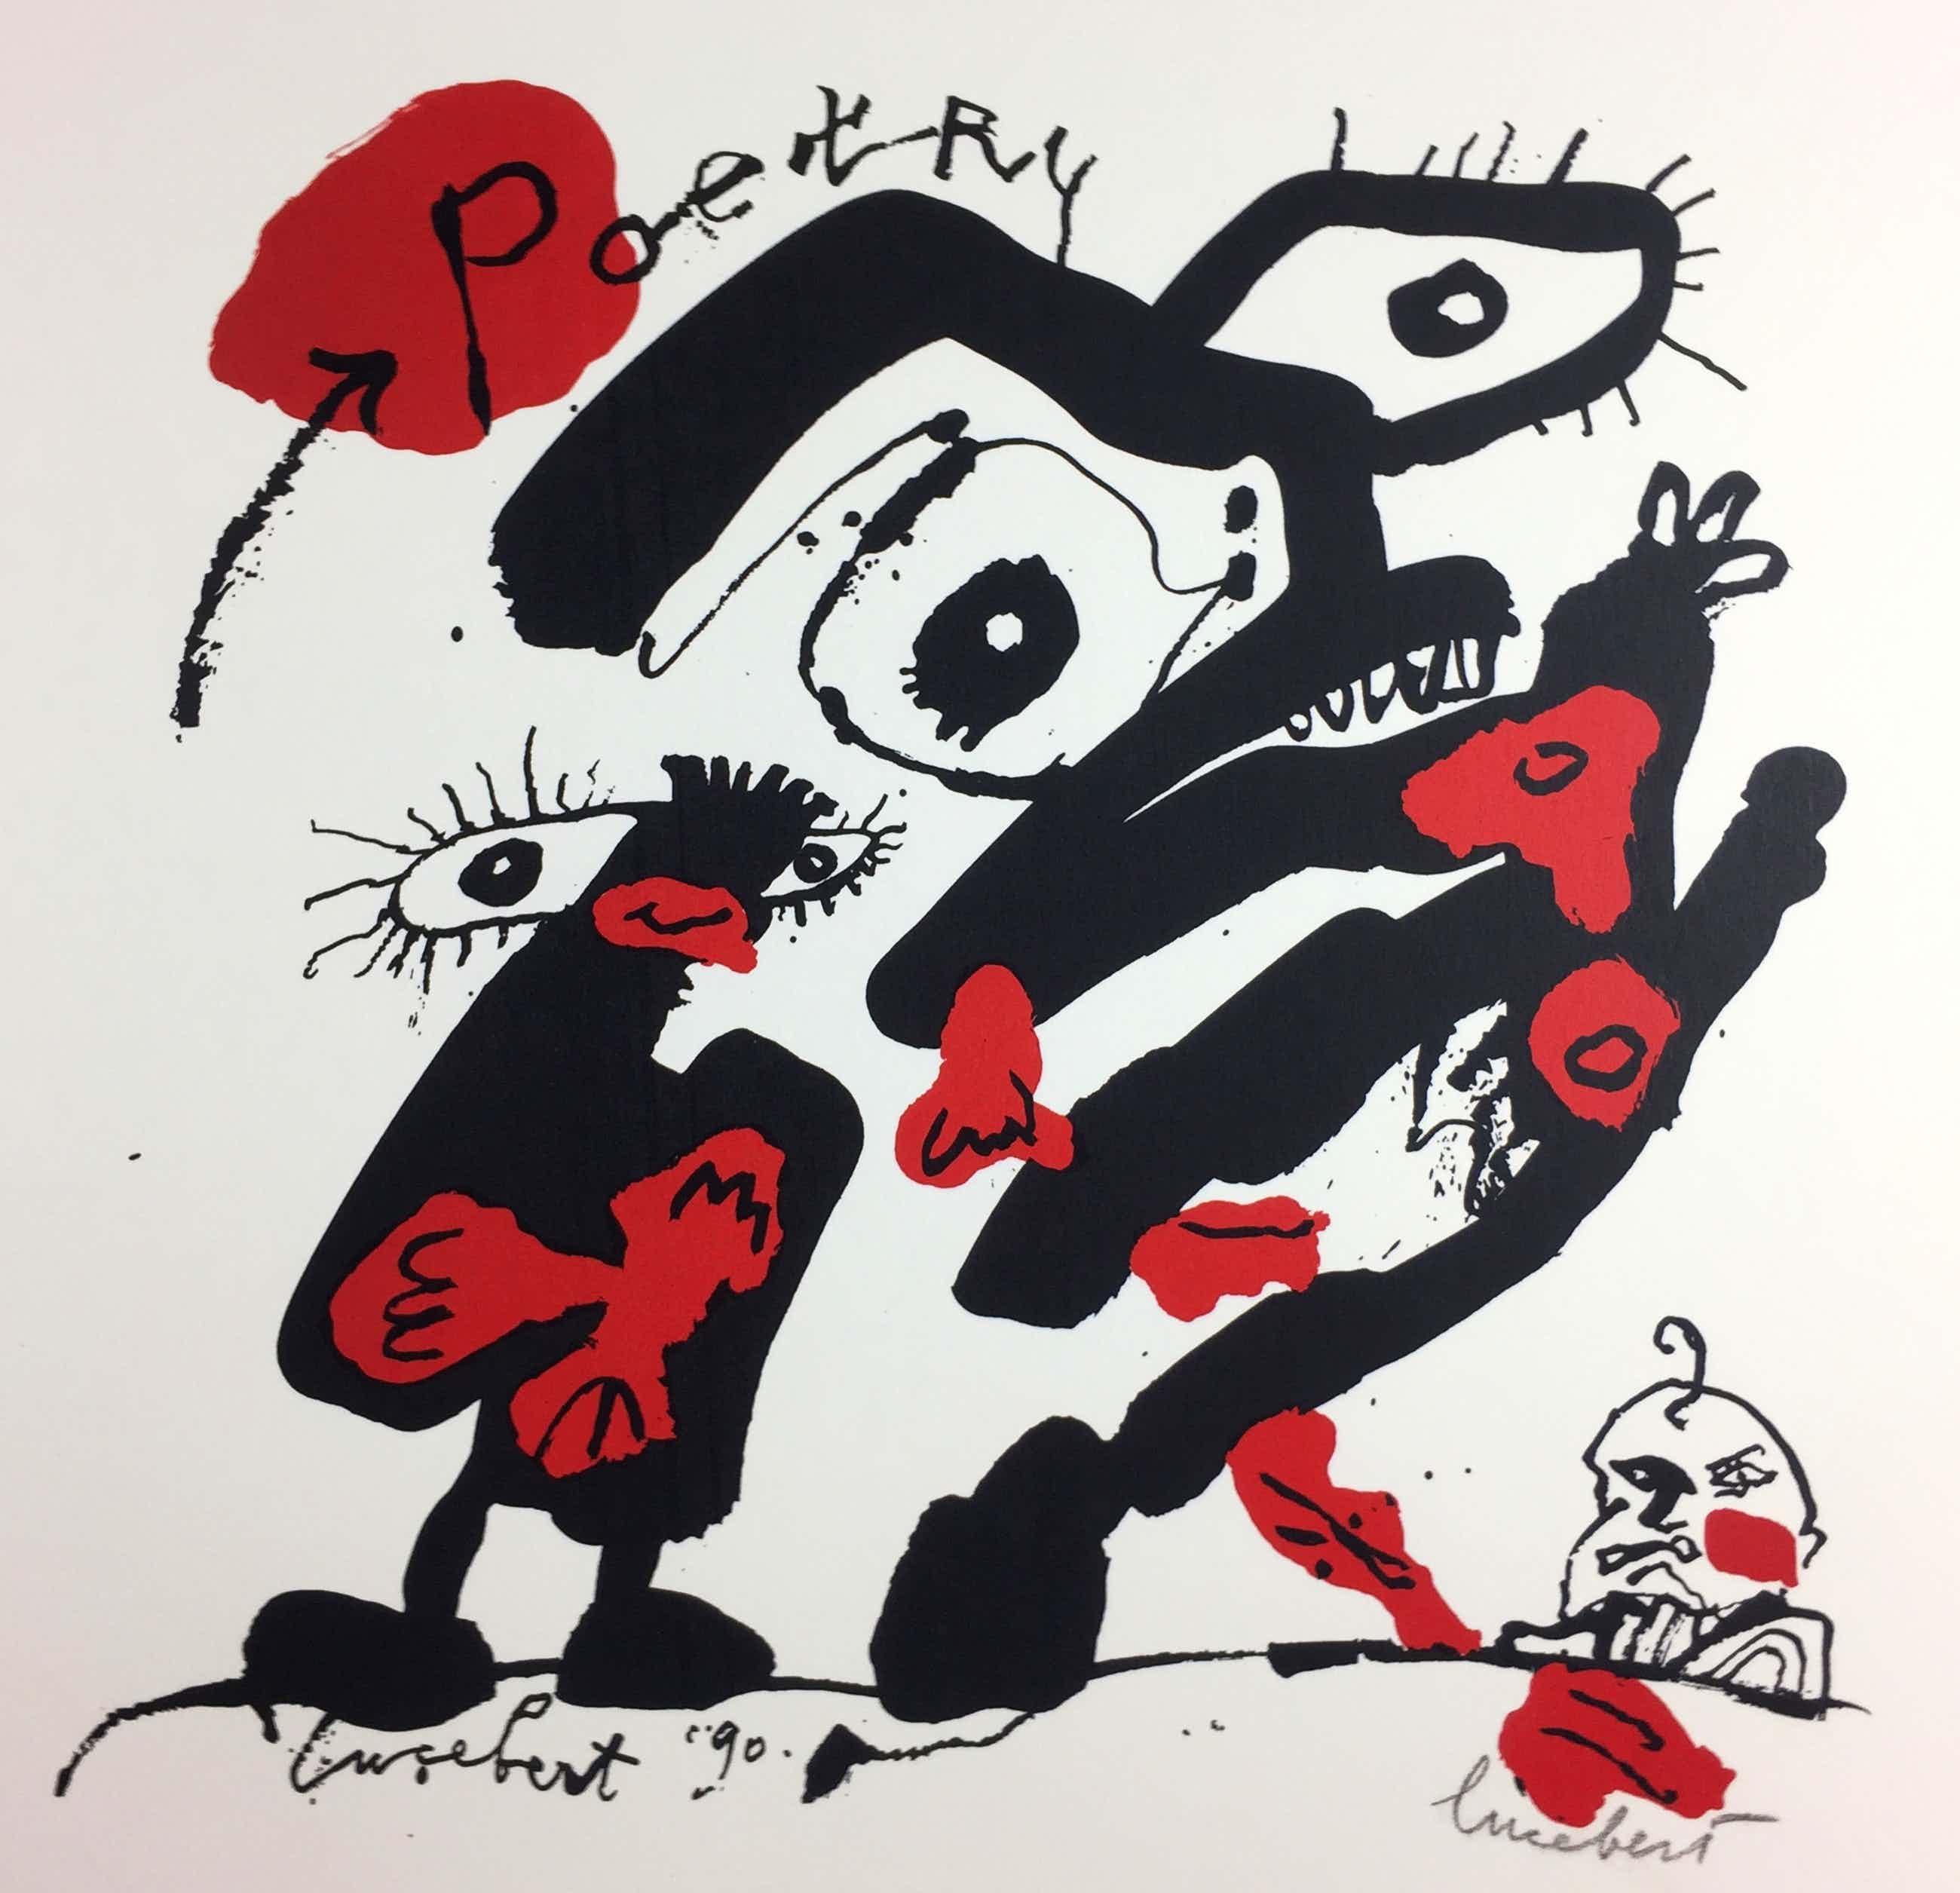 Lucebert - Lucebert /Remco Campert, zeefdruk, 'Poetry', 1990 kopen? Bied vanaf 275!